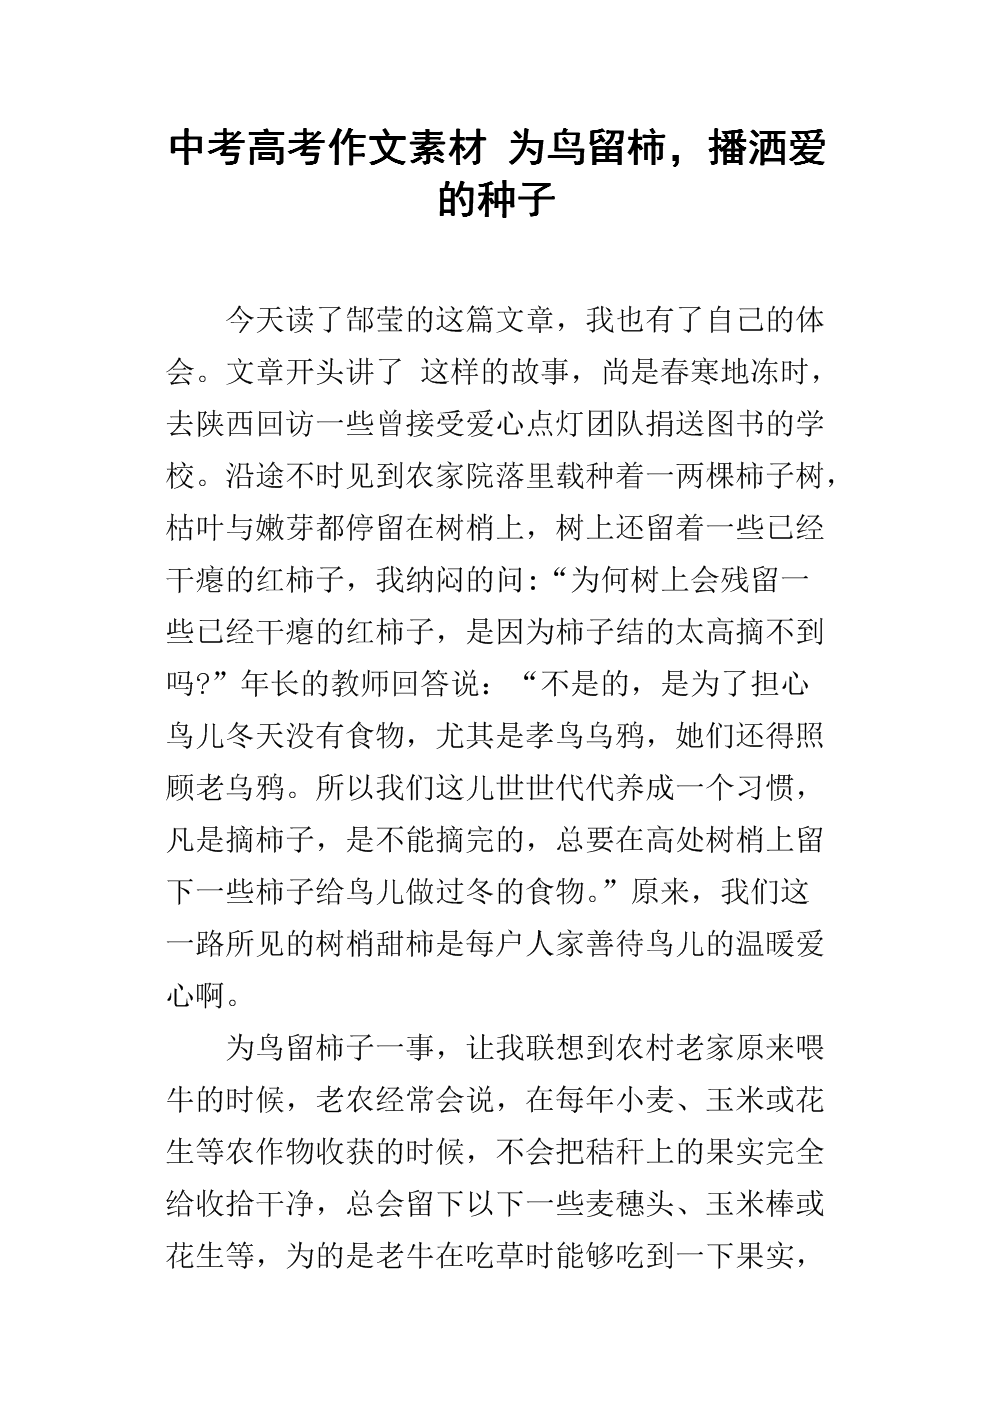 用发展的眼光看问题作文_用欣赏的眼光看 作文_英文演讲稿用发展的眼光看中国